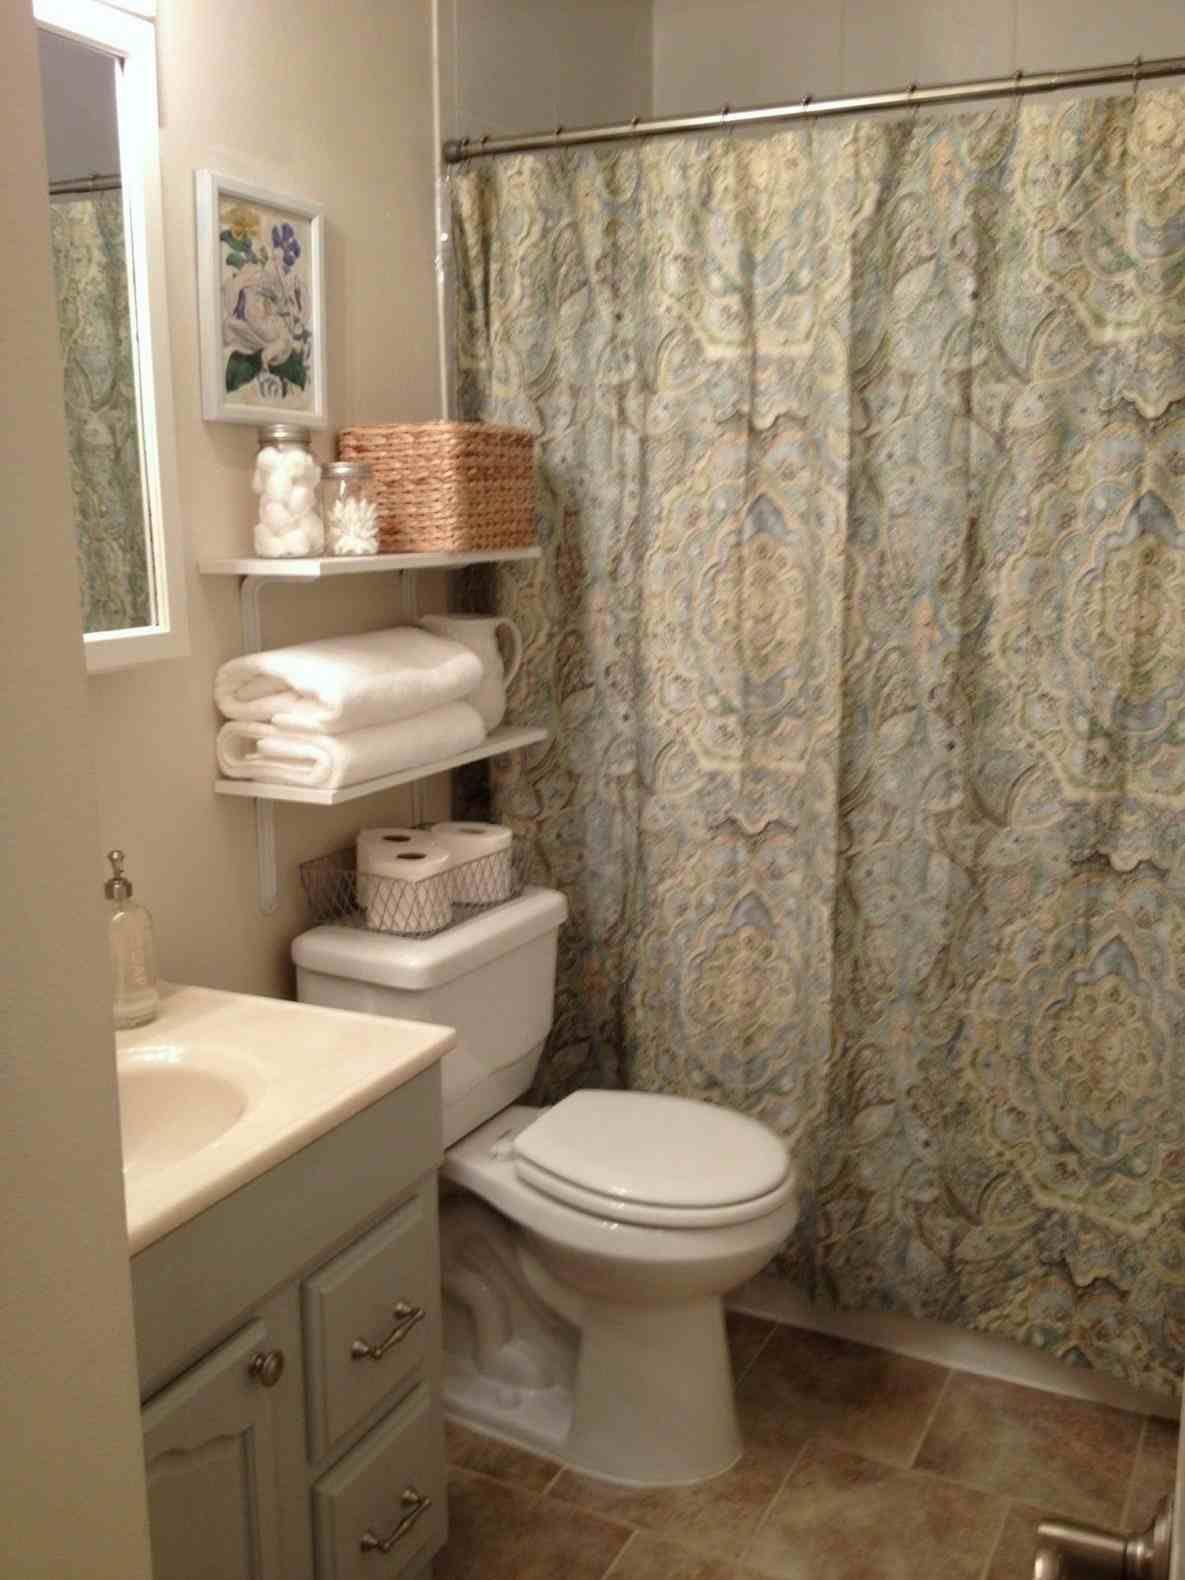 small bathroom ideas with shower curtain | home ideas | pinterest